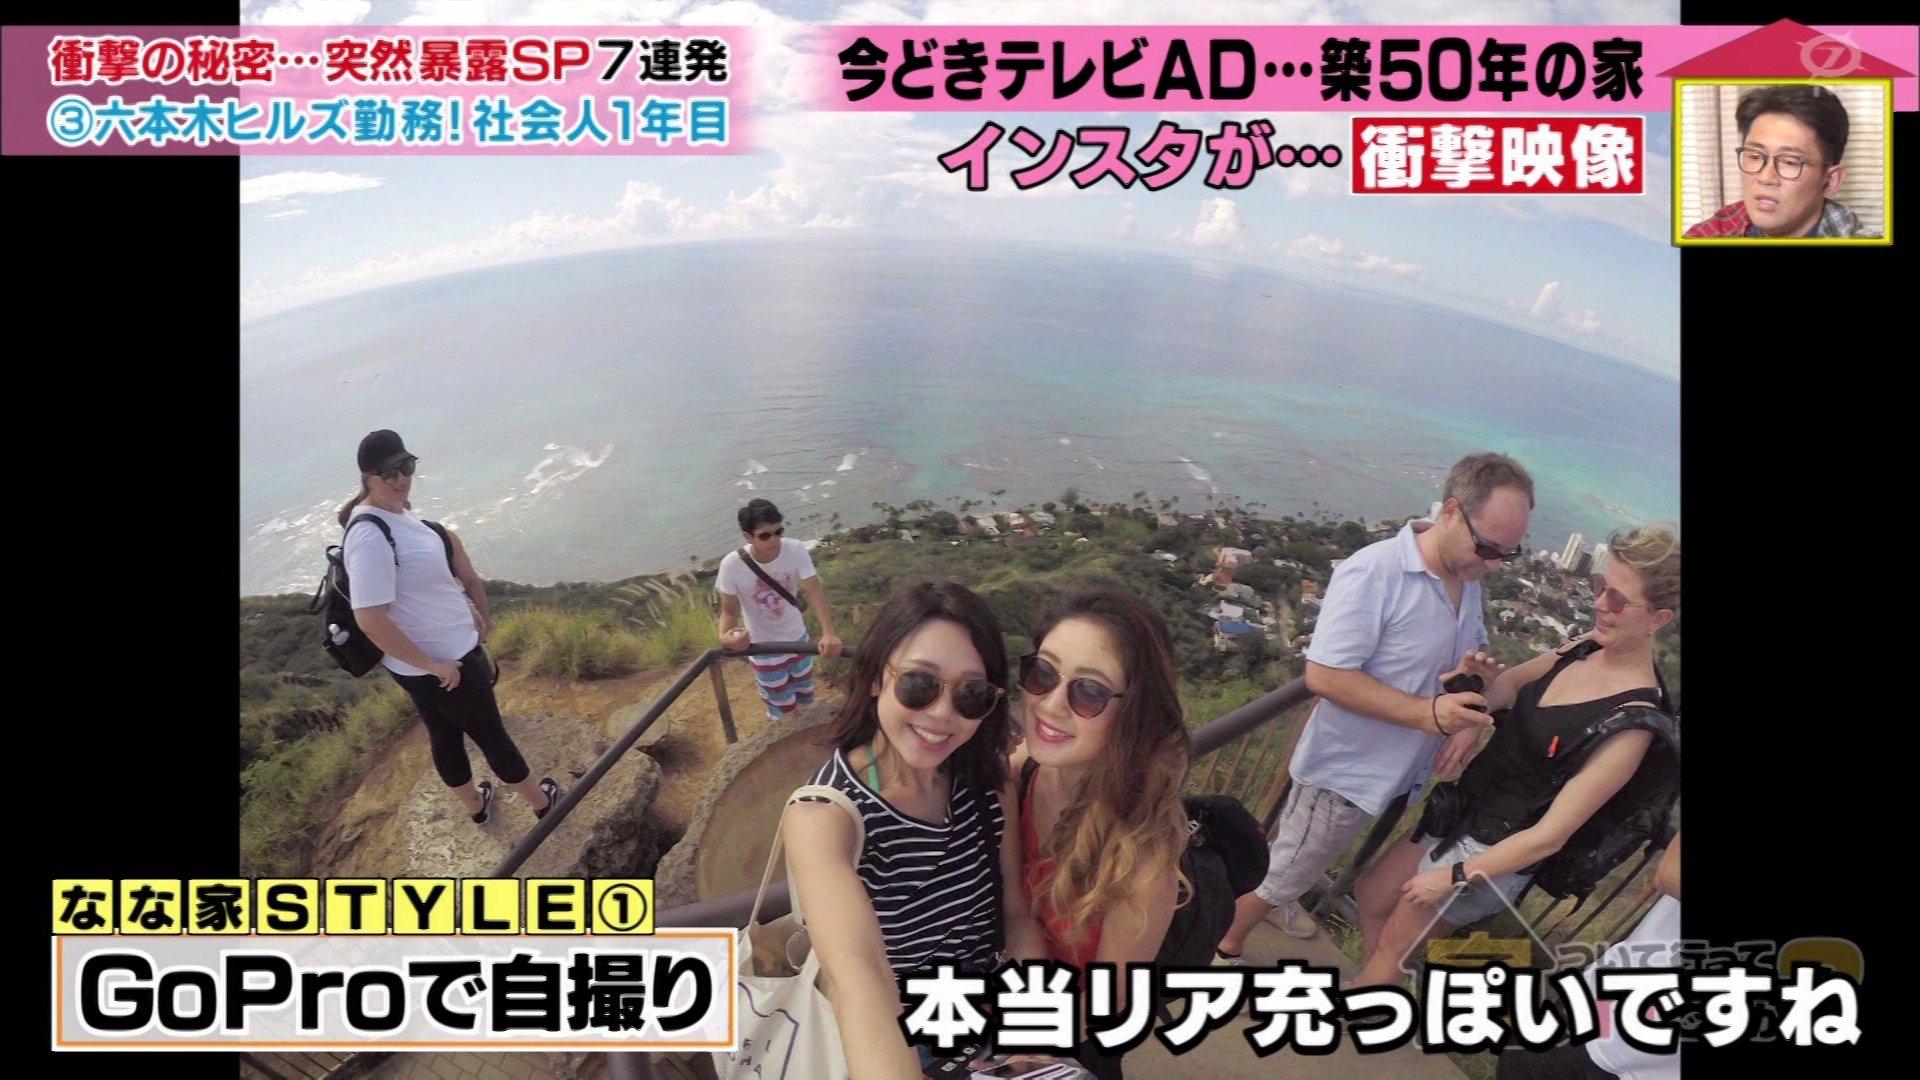 2019年10月9日の「家、ついて行ってイイですか?一見普通そうな人の「衝撃の秘密」2時間SP」に出演した渡辺菜奈さんのテレビキャプチャー画像-057